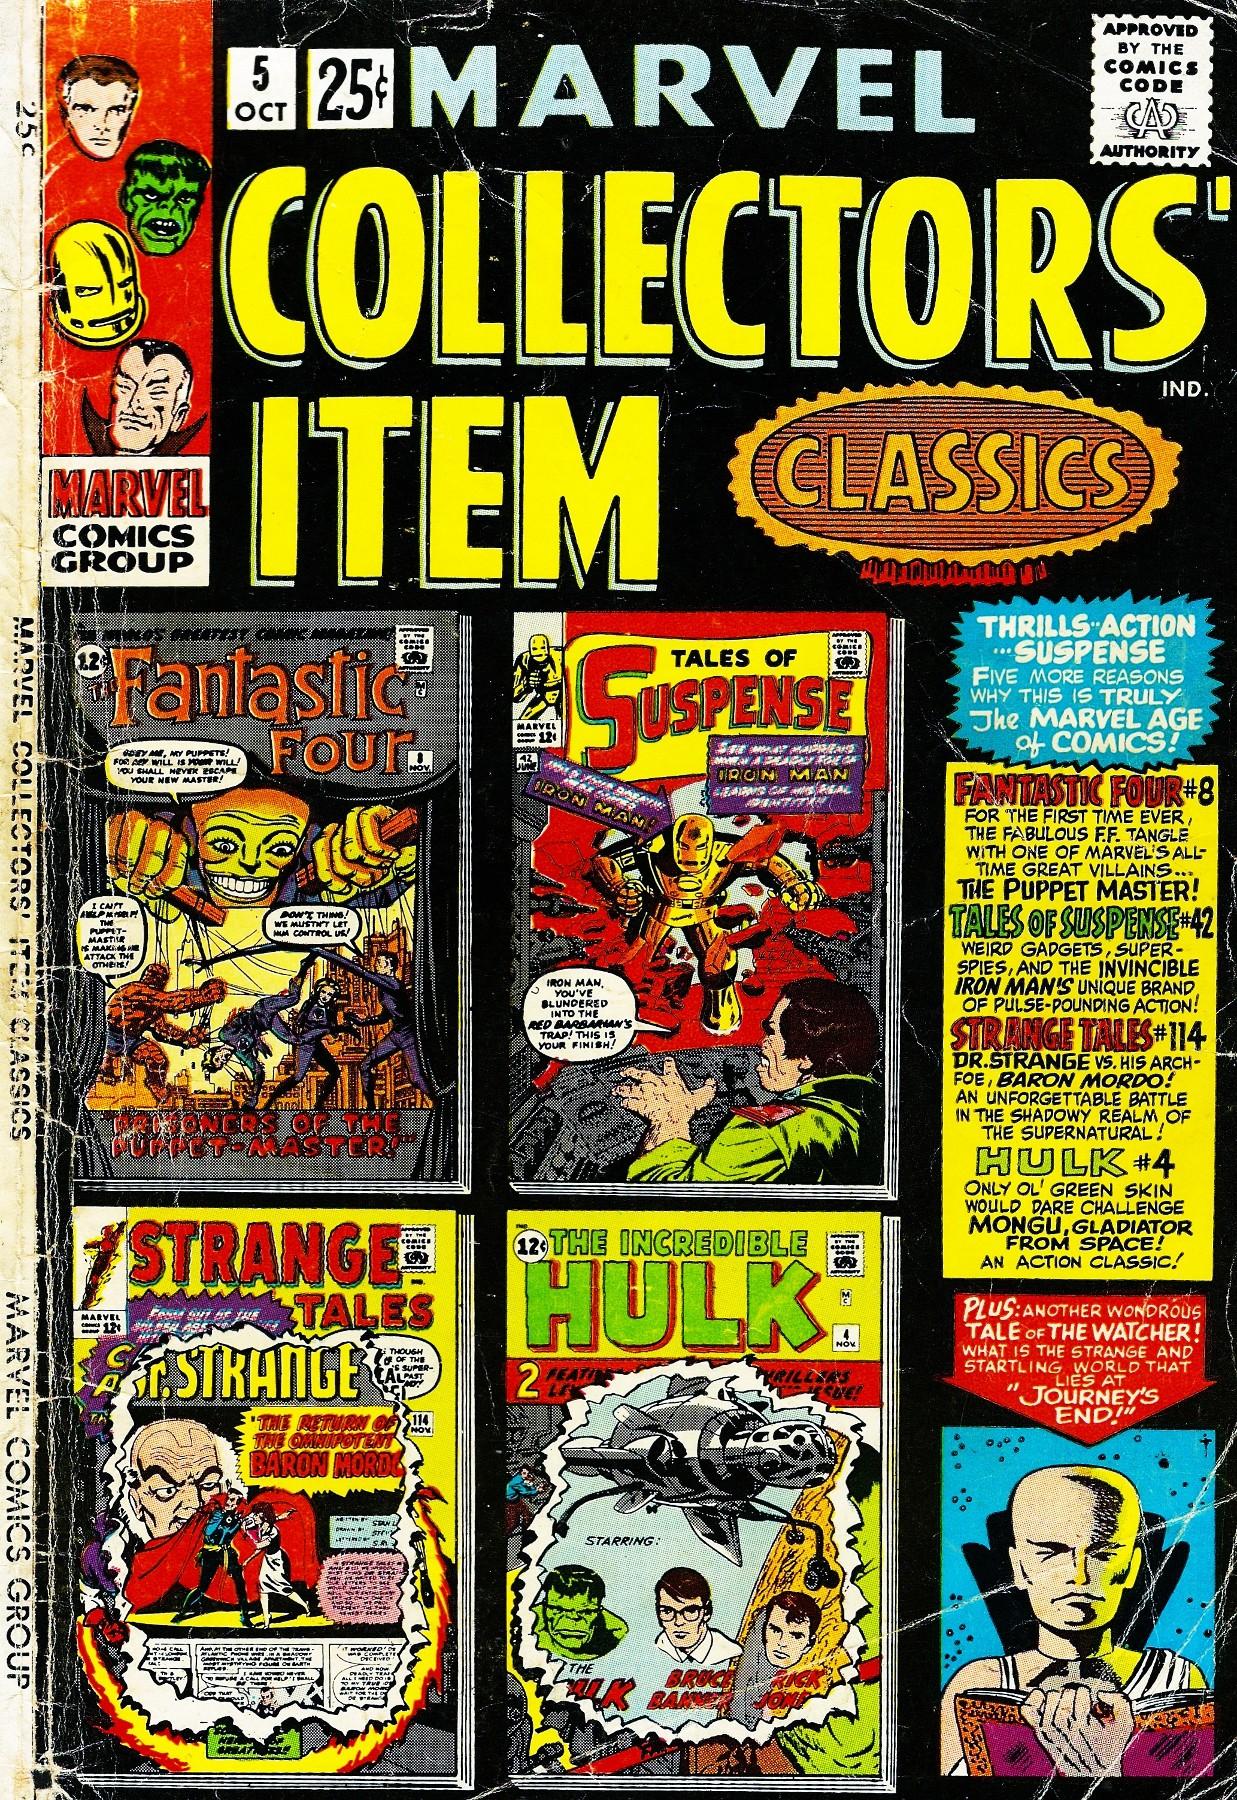 Marvel Collectors Item Classics 5 Page 1